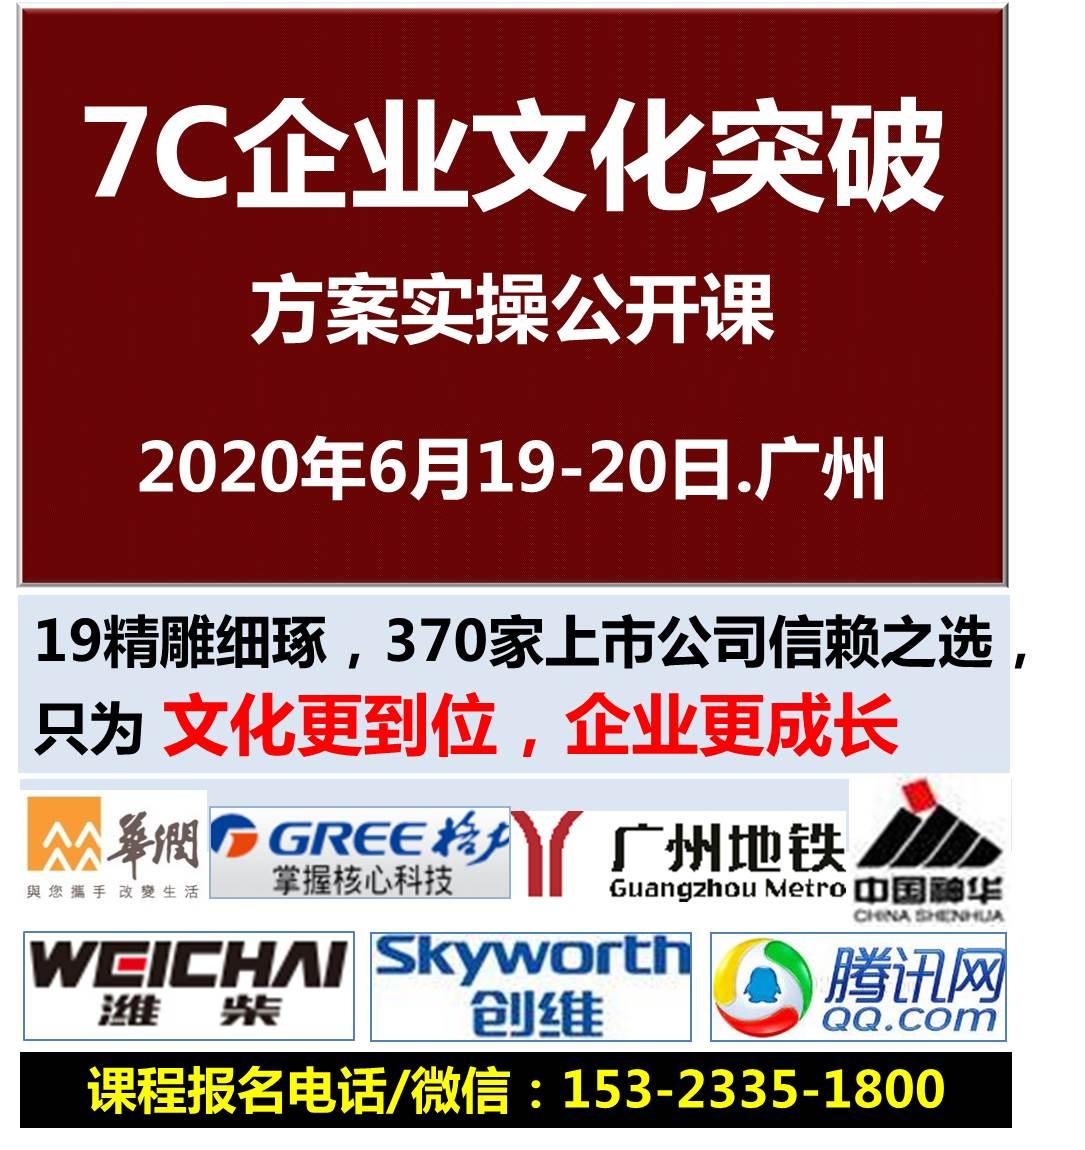 2020版《7C企业文化突破》公开课.6月19-20日.广州.jpg